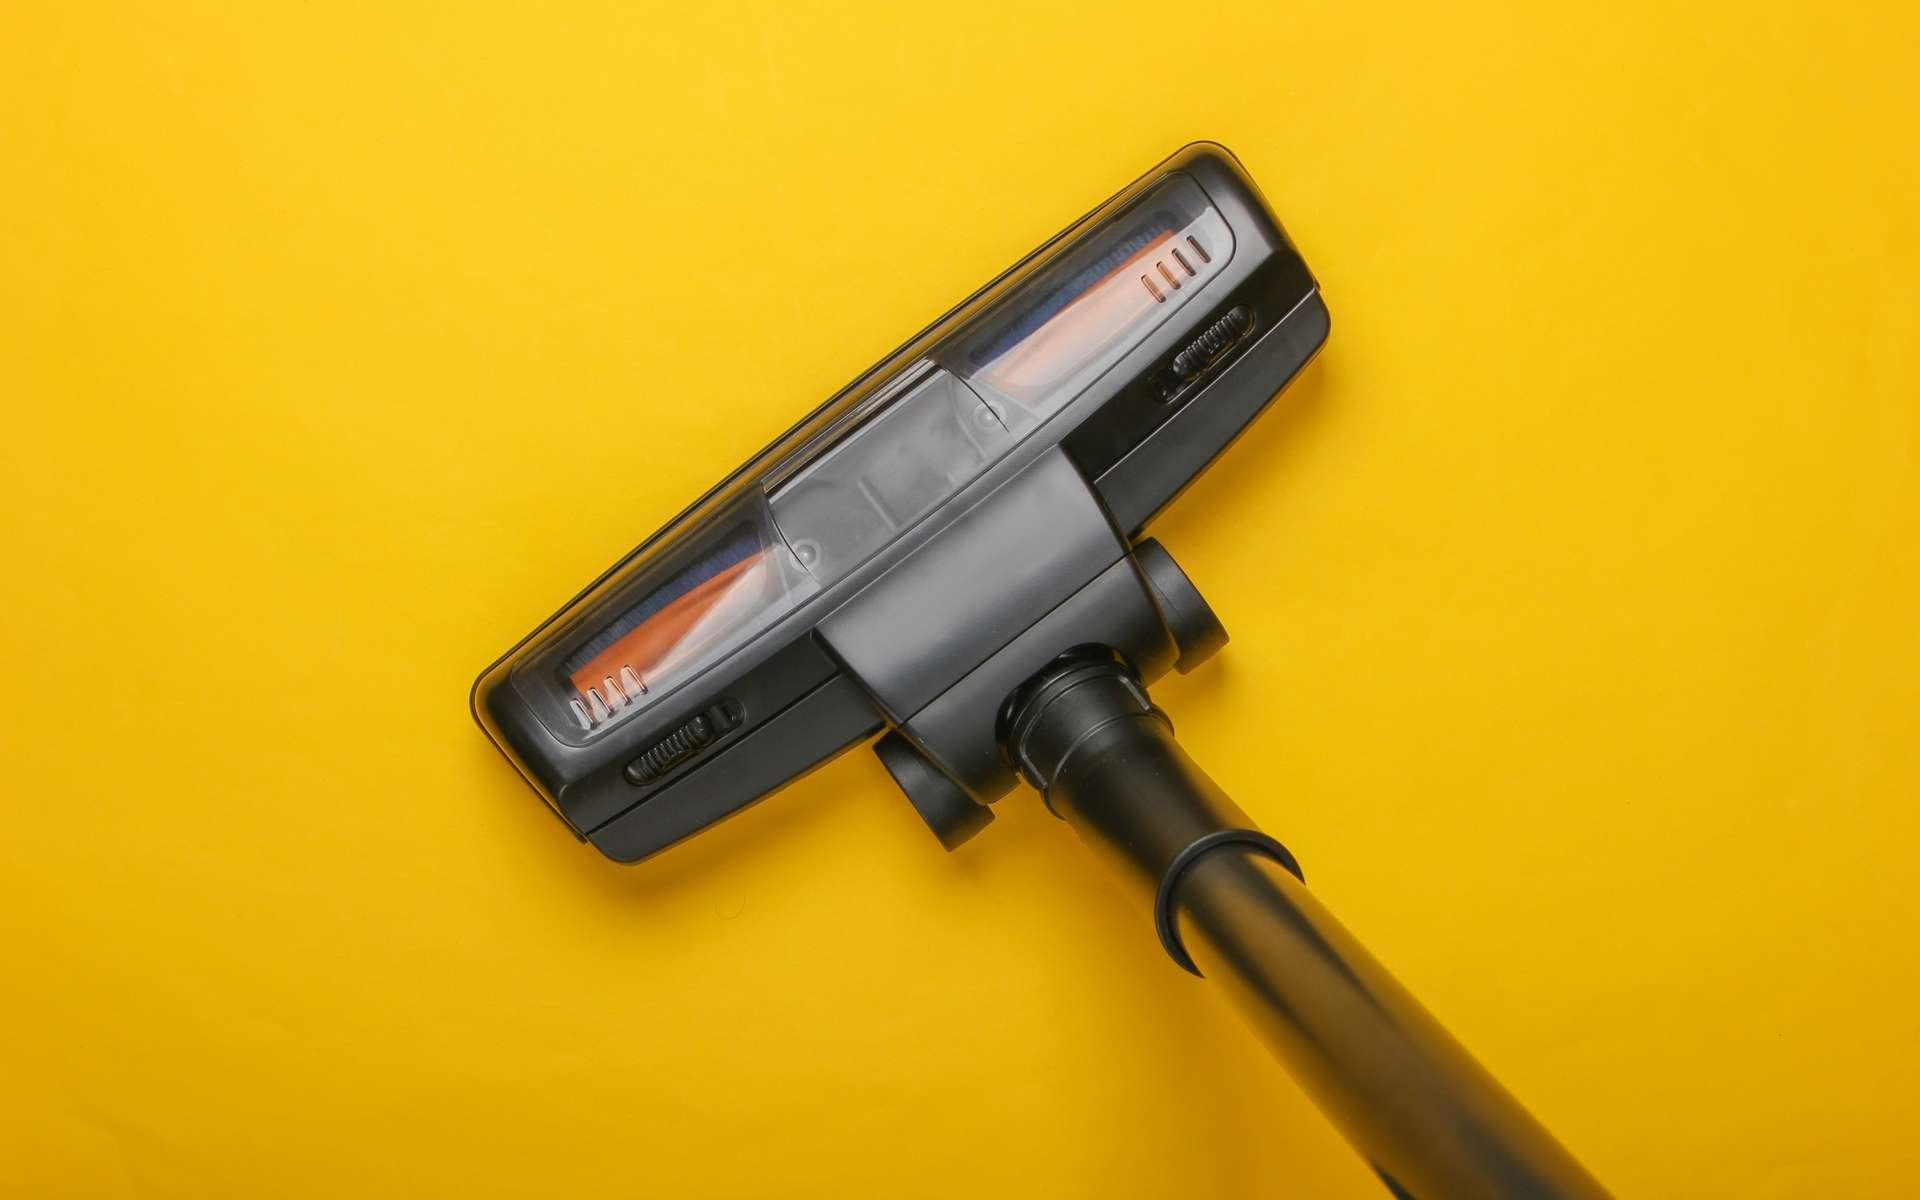 La puissance d'aspiration dépend des surfaces à nettoyer. © splitov27, Adobe Stock